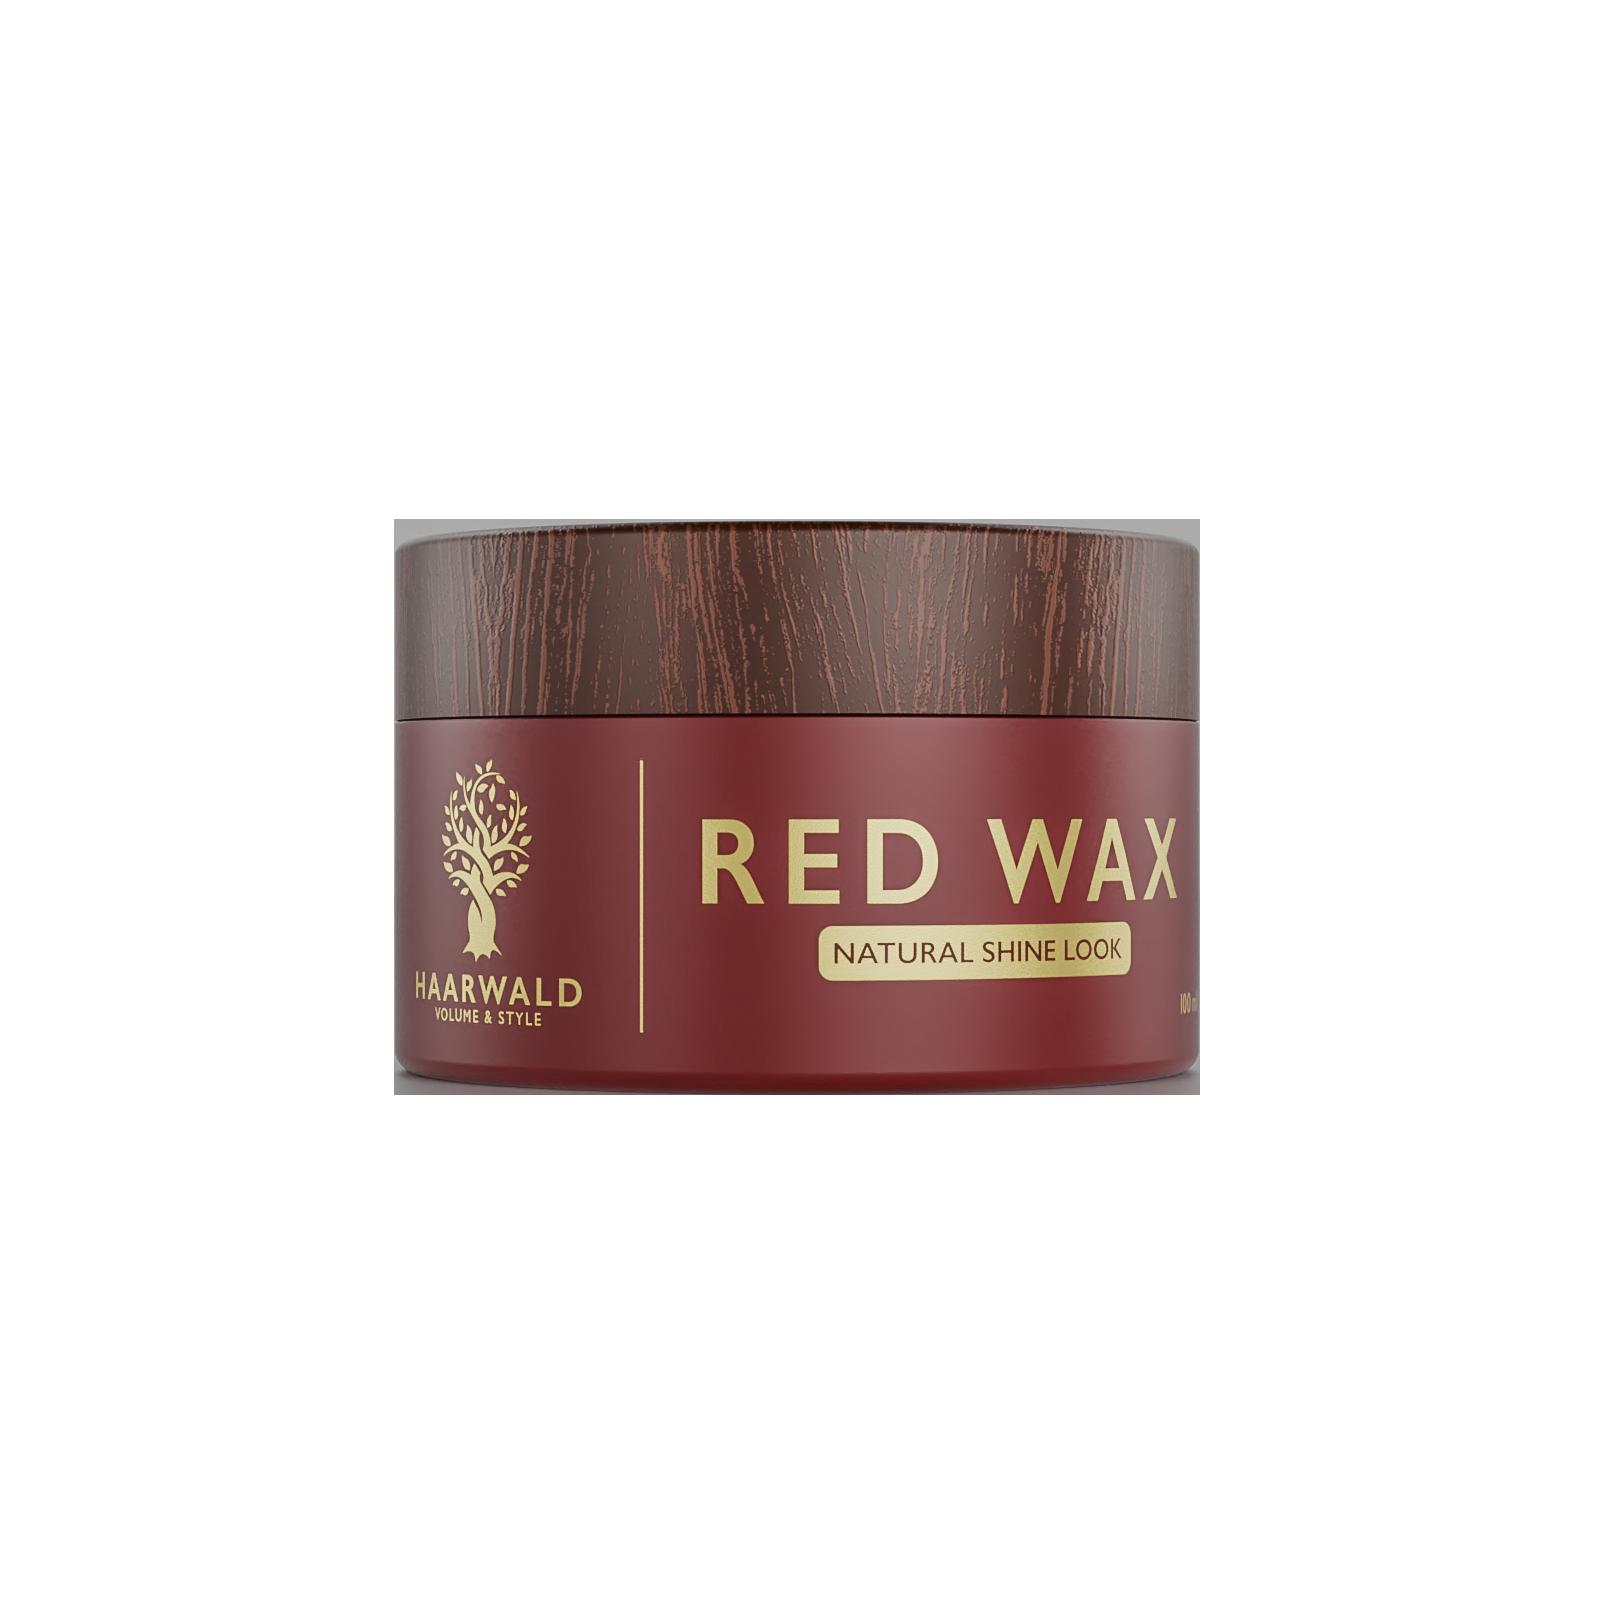 HAARWALD RED WAX